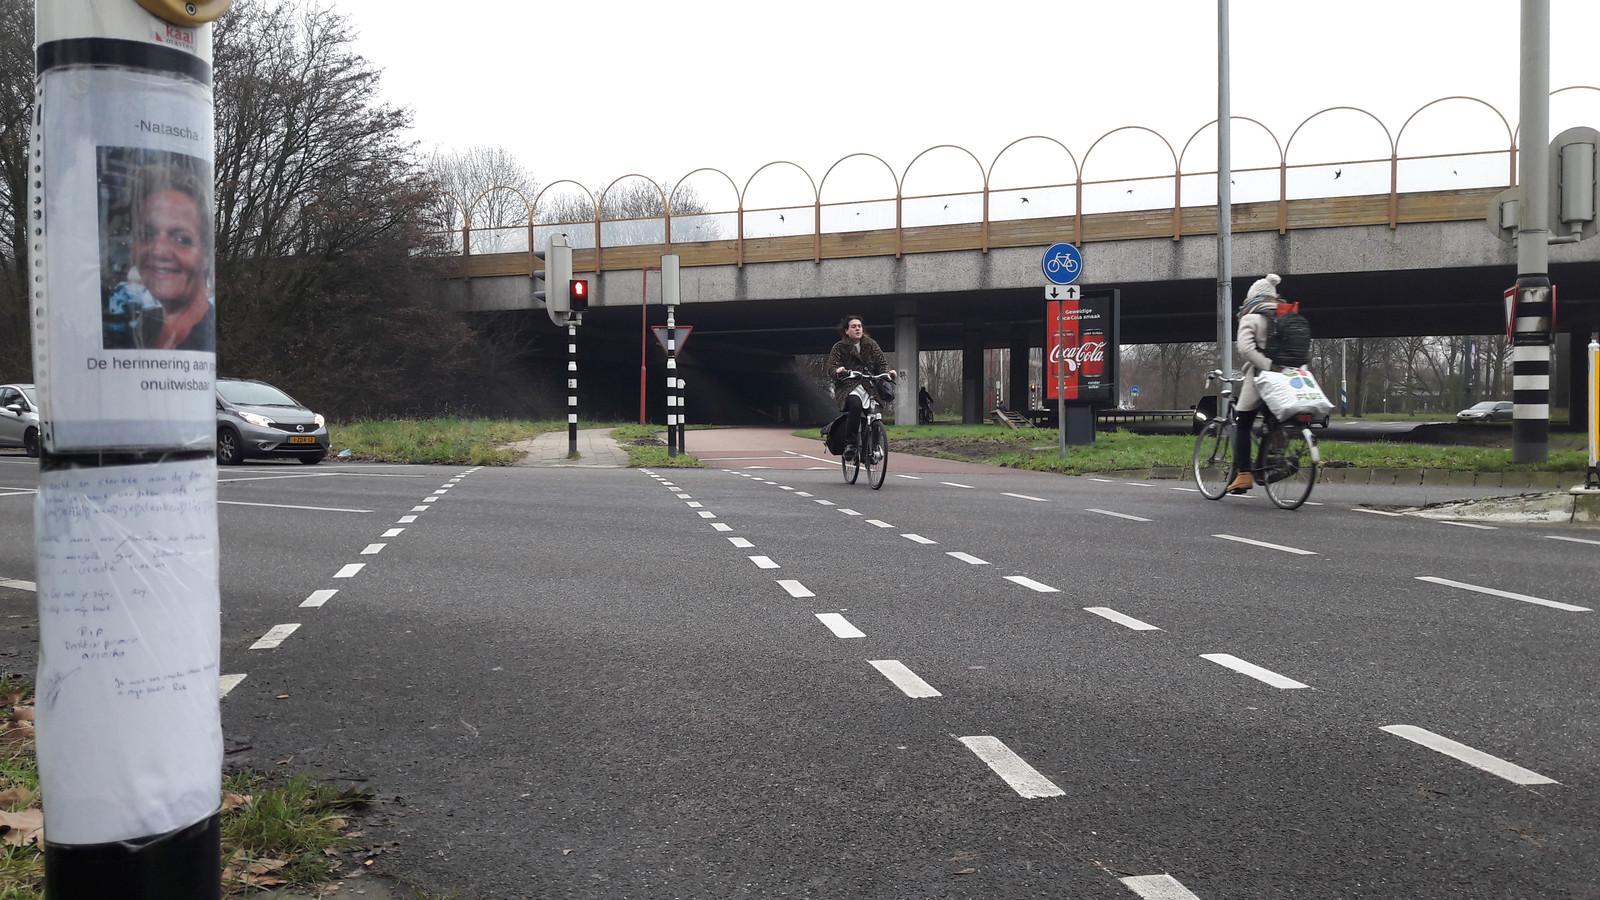 De plek van het ongeval, waar de Waterlinieweg uitkomt op 't Goyplein in Utrecht.